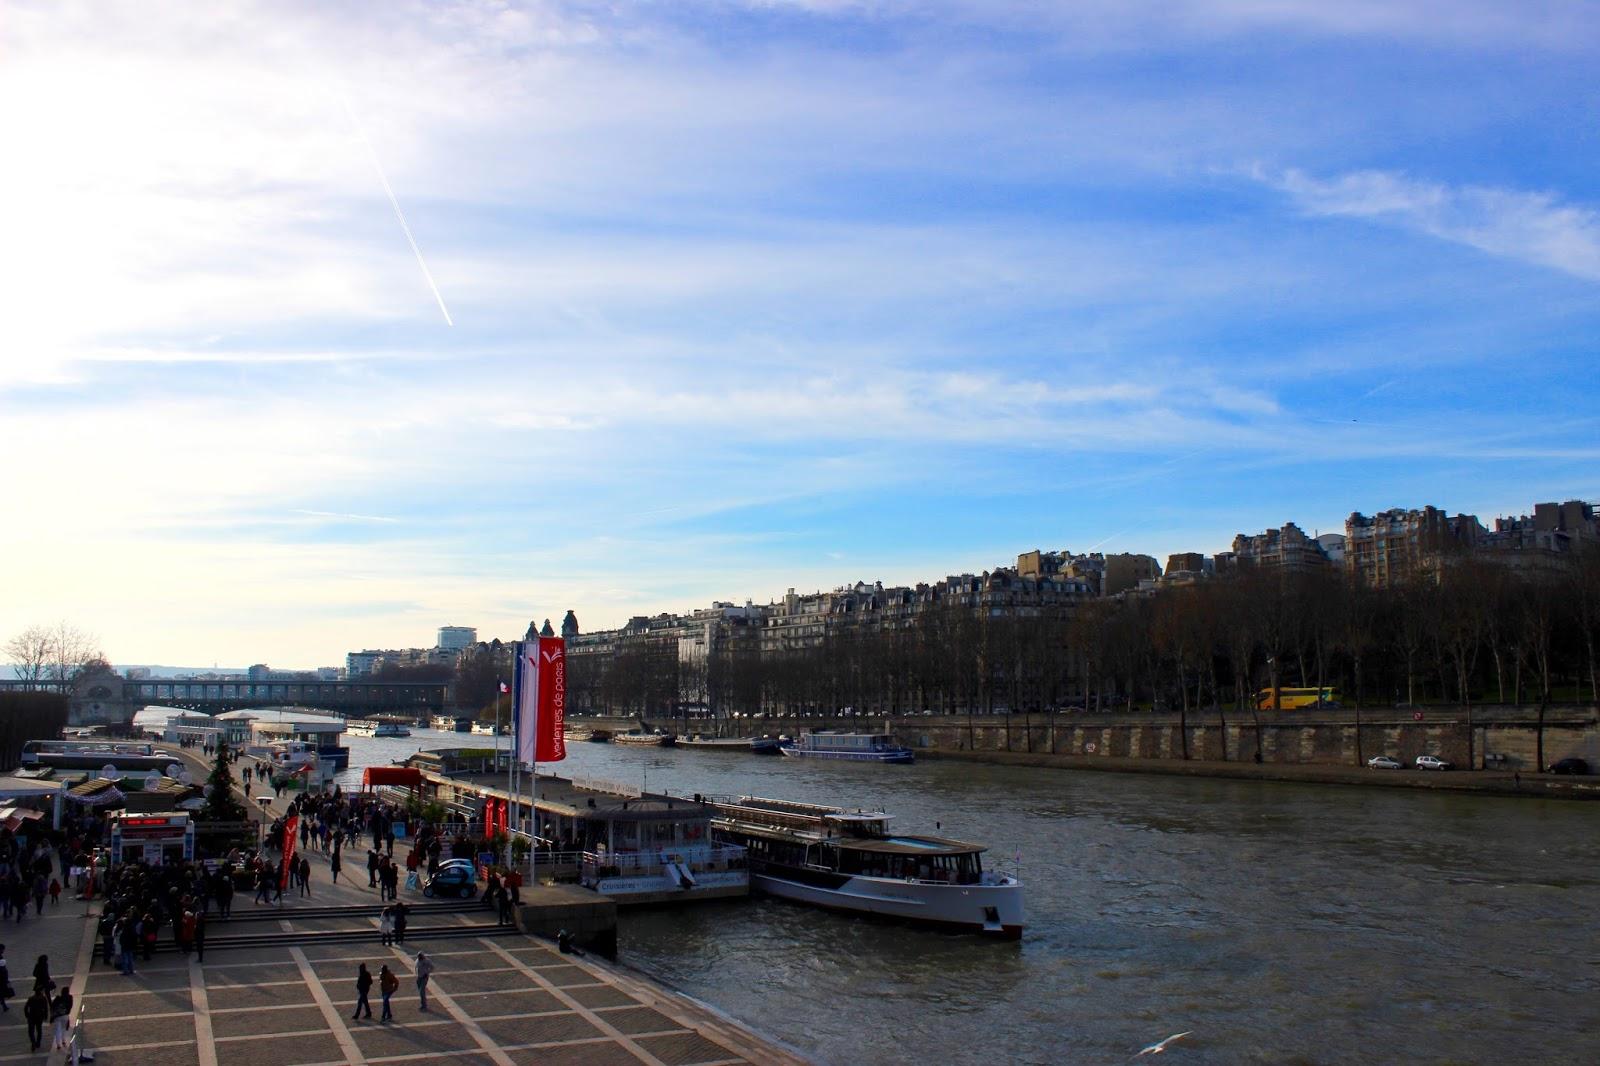 Jalan-Jalan di Paris - Seine River Cruise